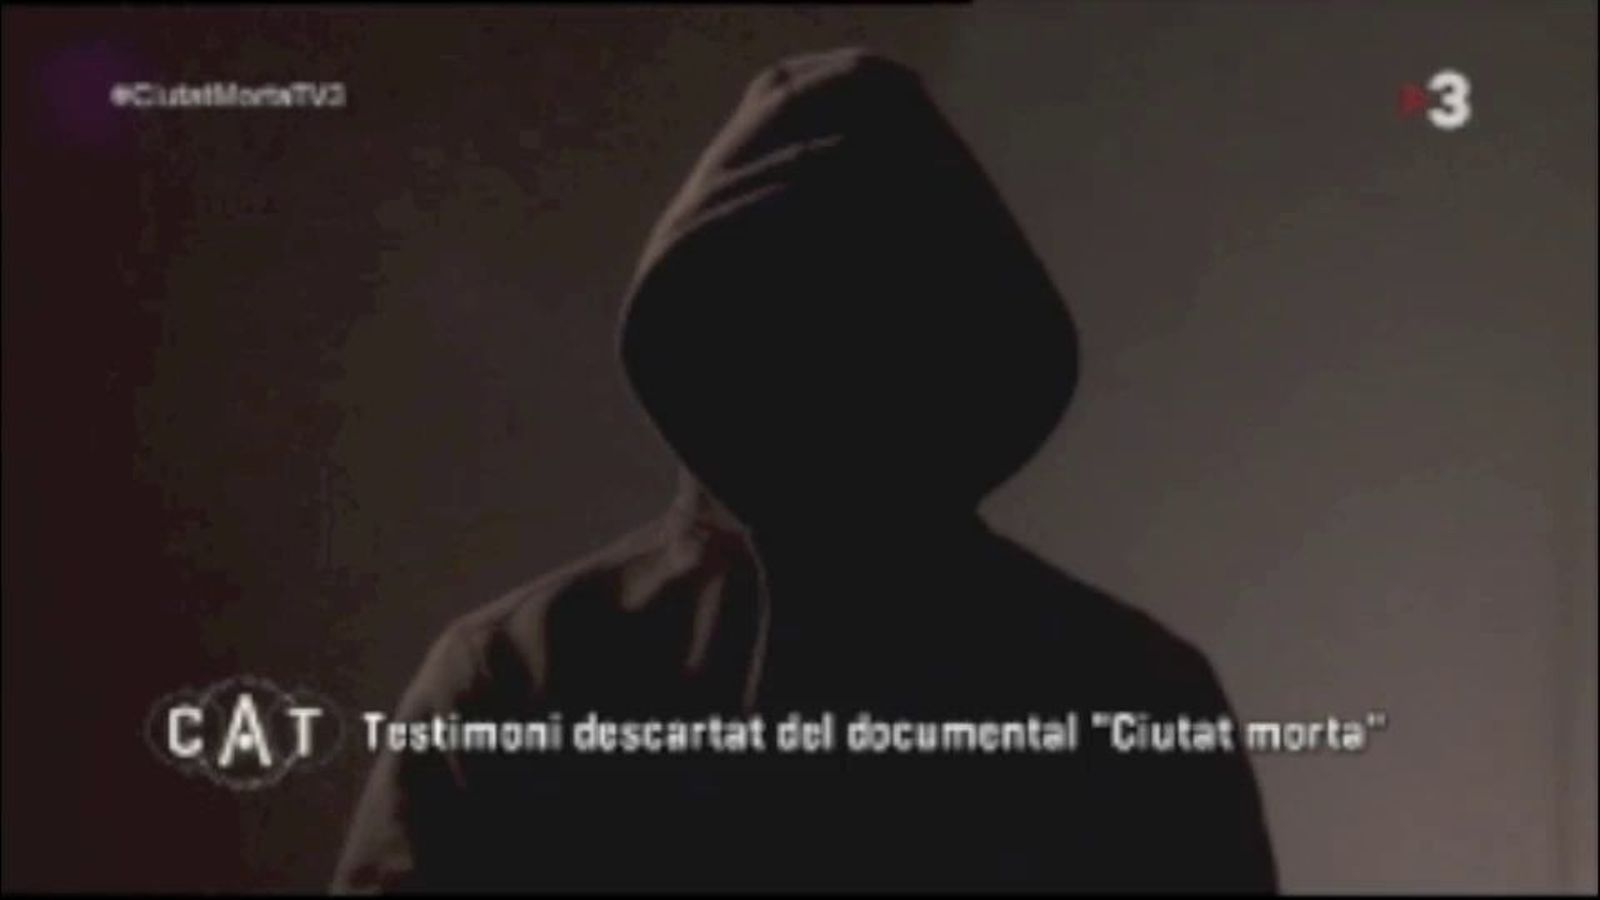 El vídeo del testimoni descartat de 'Ciutat morta', emès per TV3